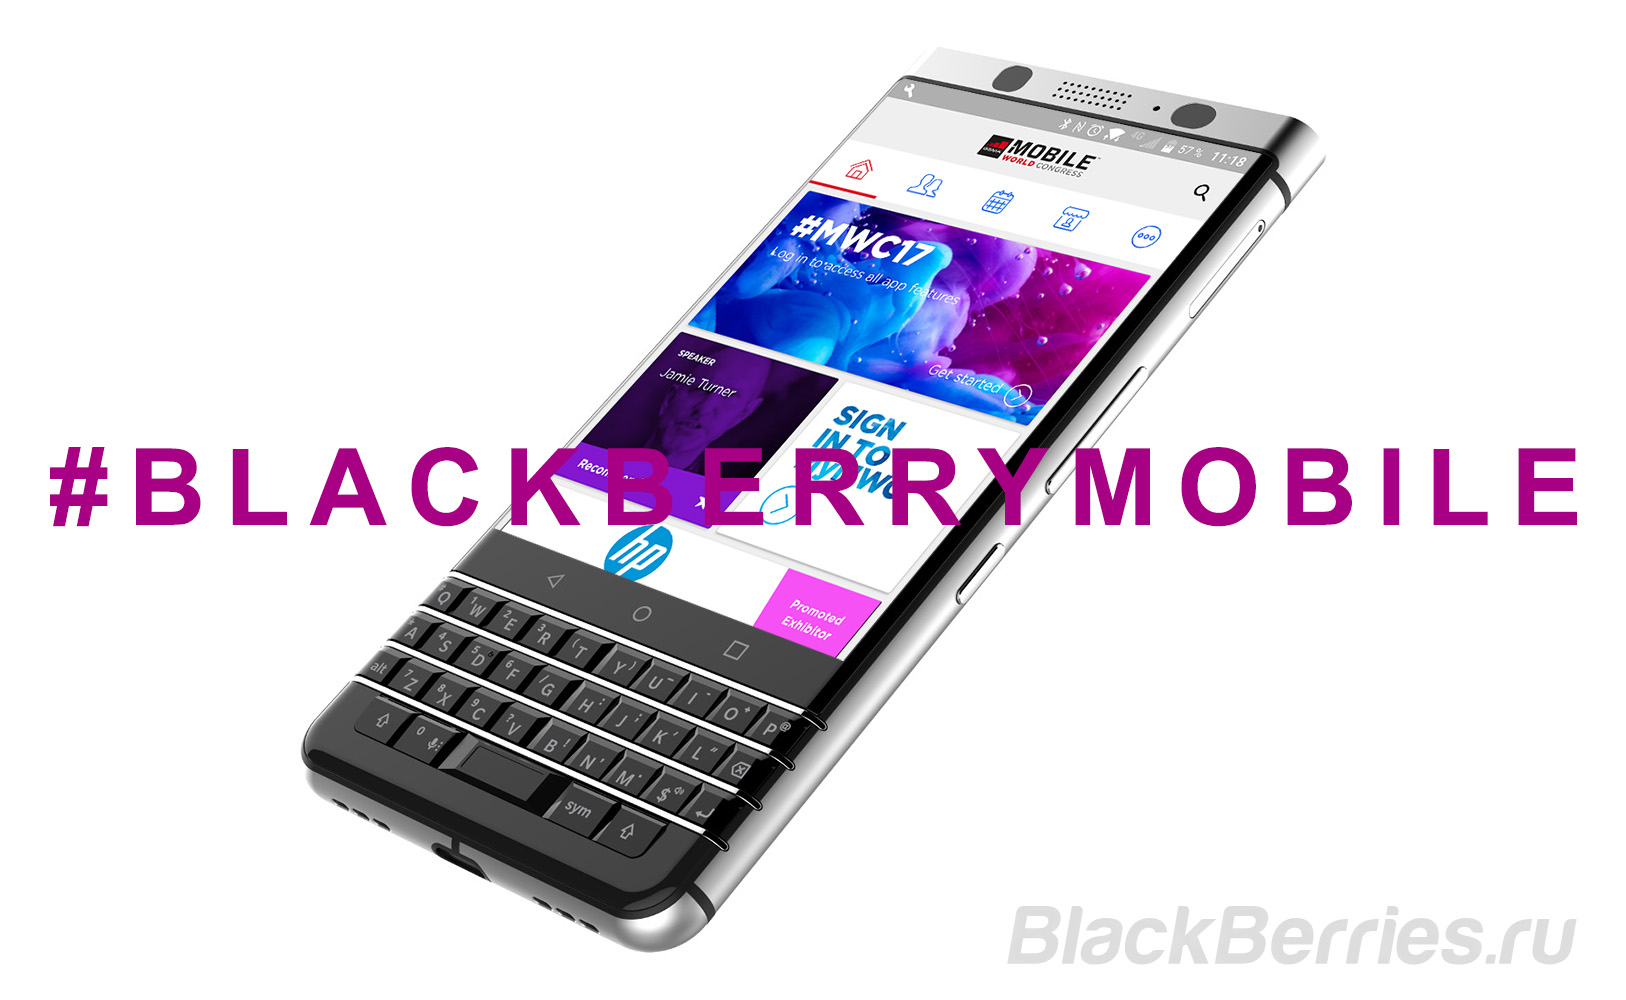 BlackBerryMobile